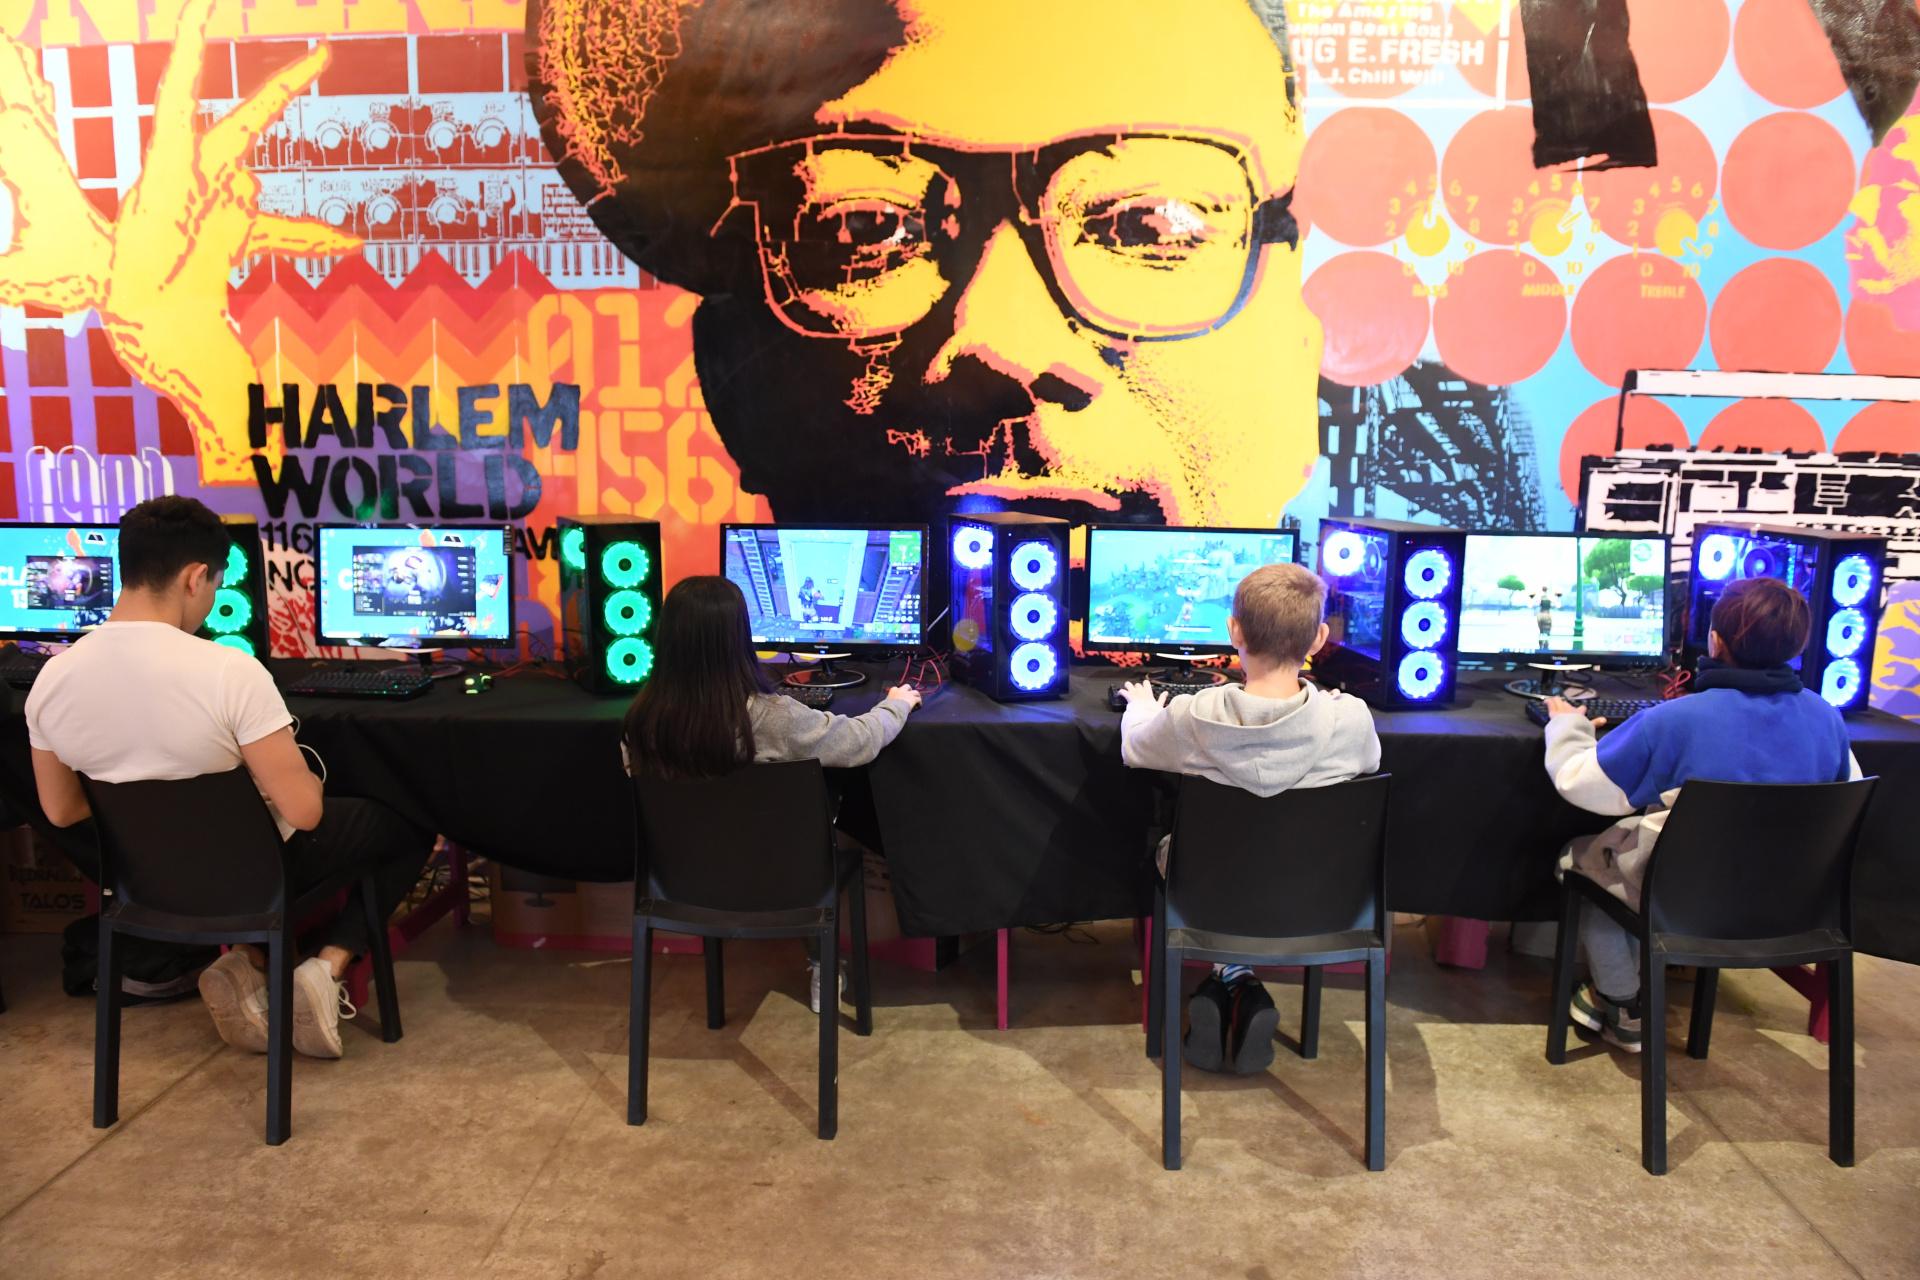 El sector gamer es donde hay mayor concentración y reina el silencio